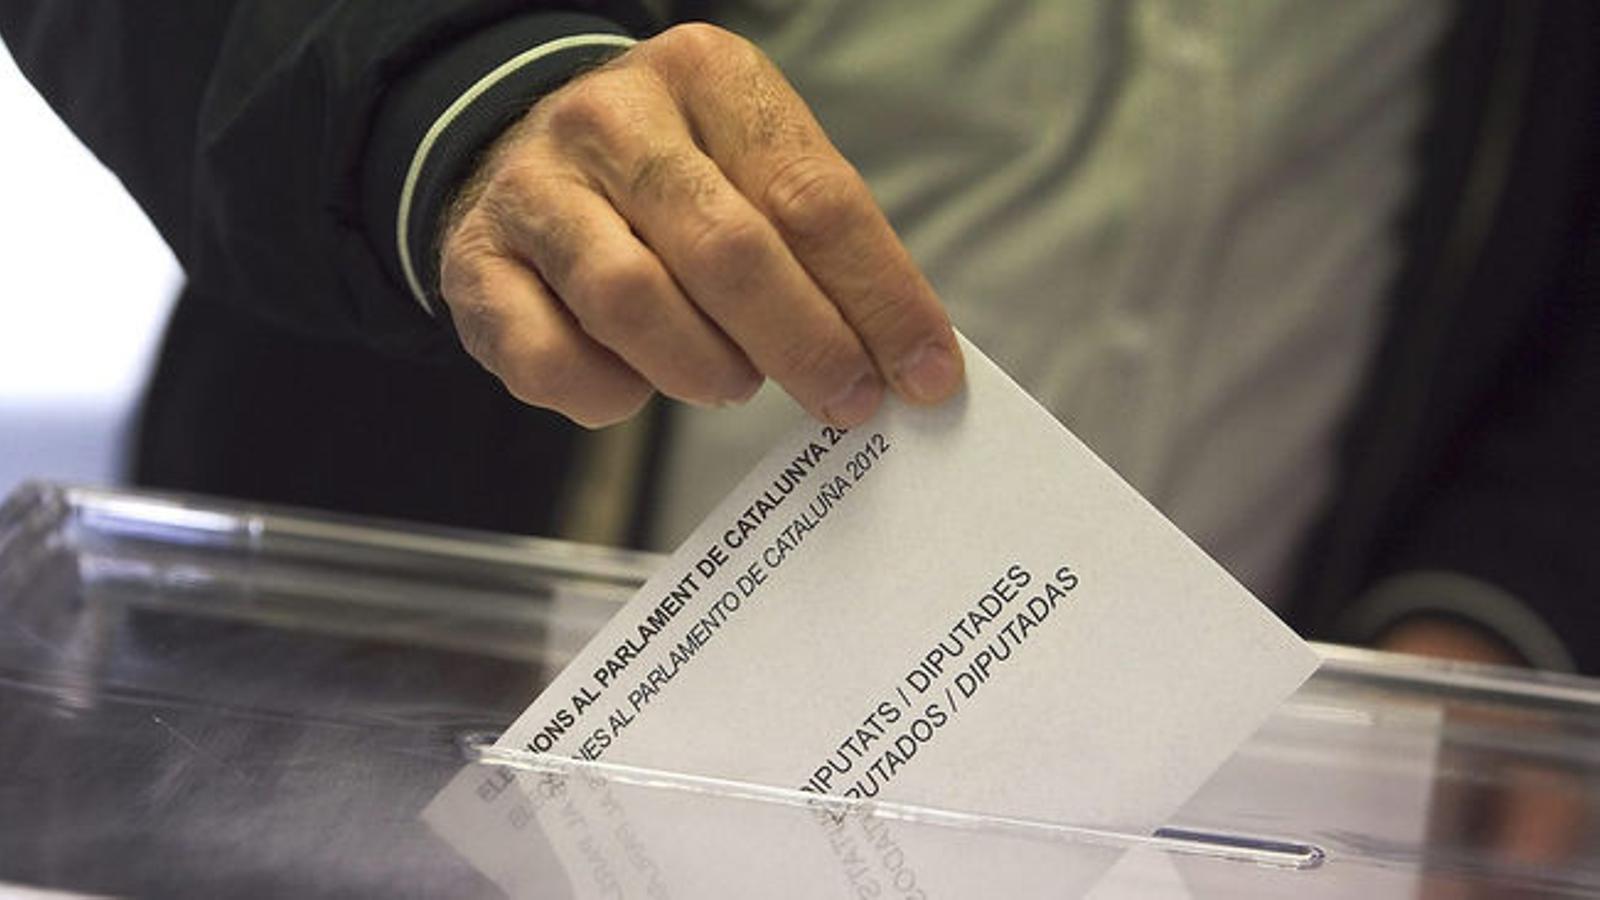 Ja saps quin partit votaràs? Una web fa 25 preguntes clau per sortir de dubtes